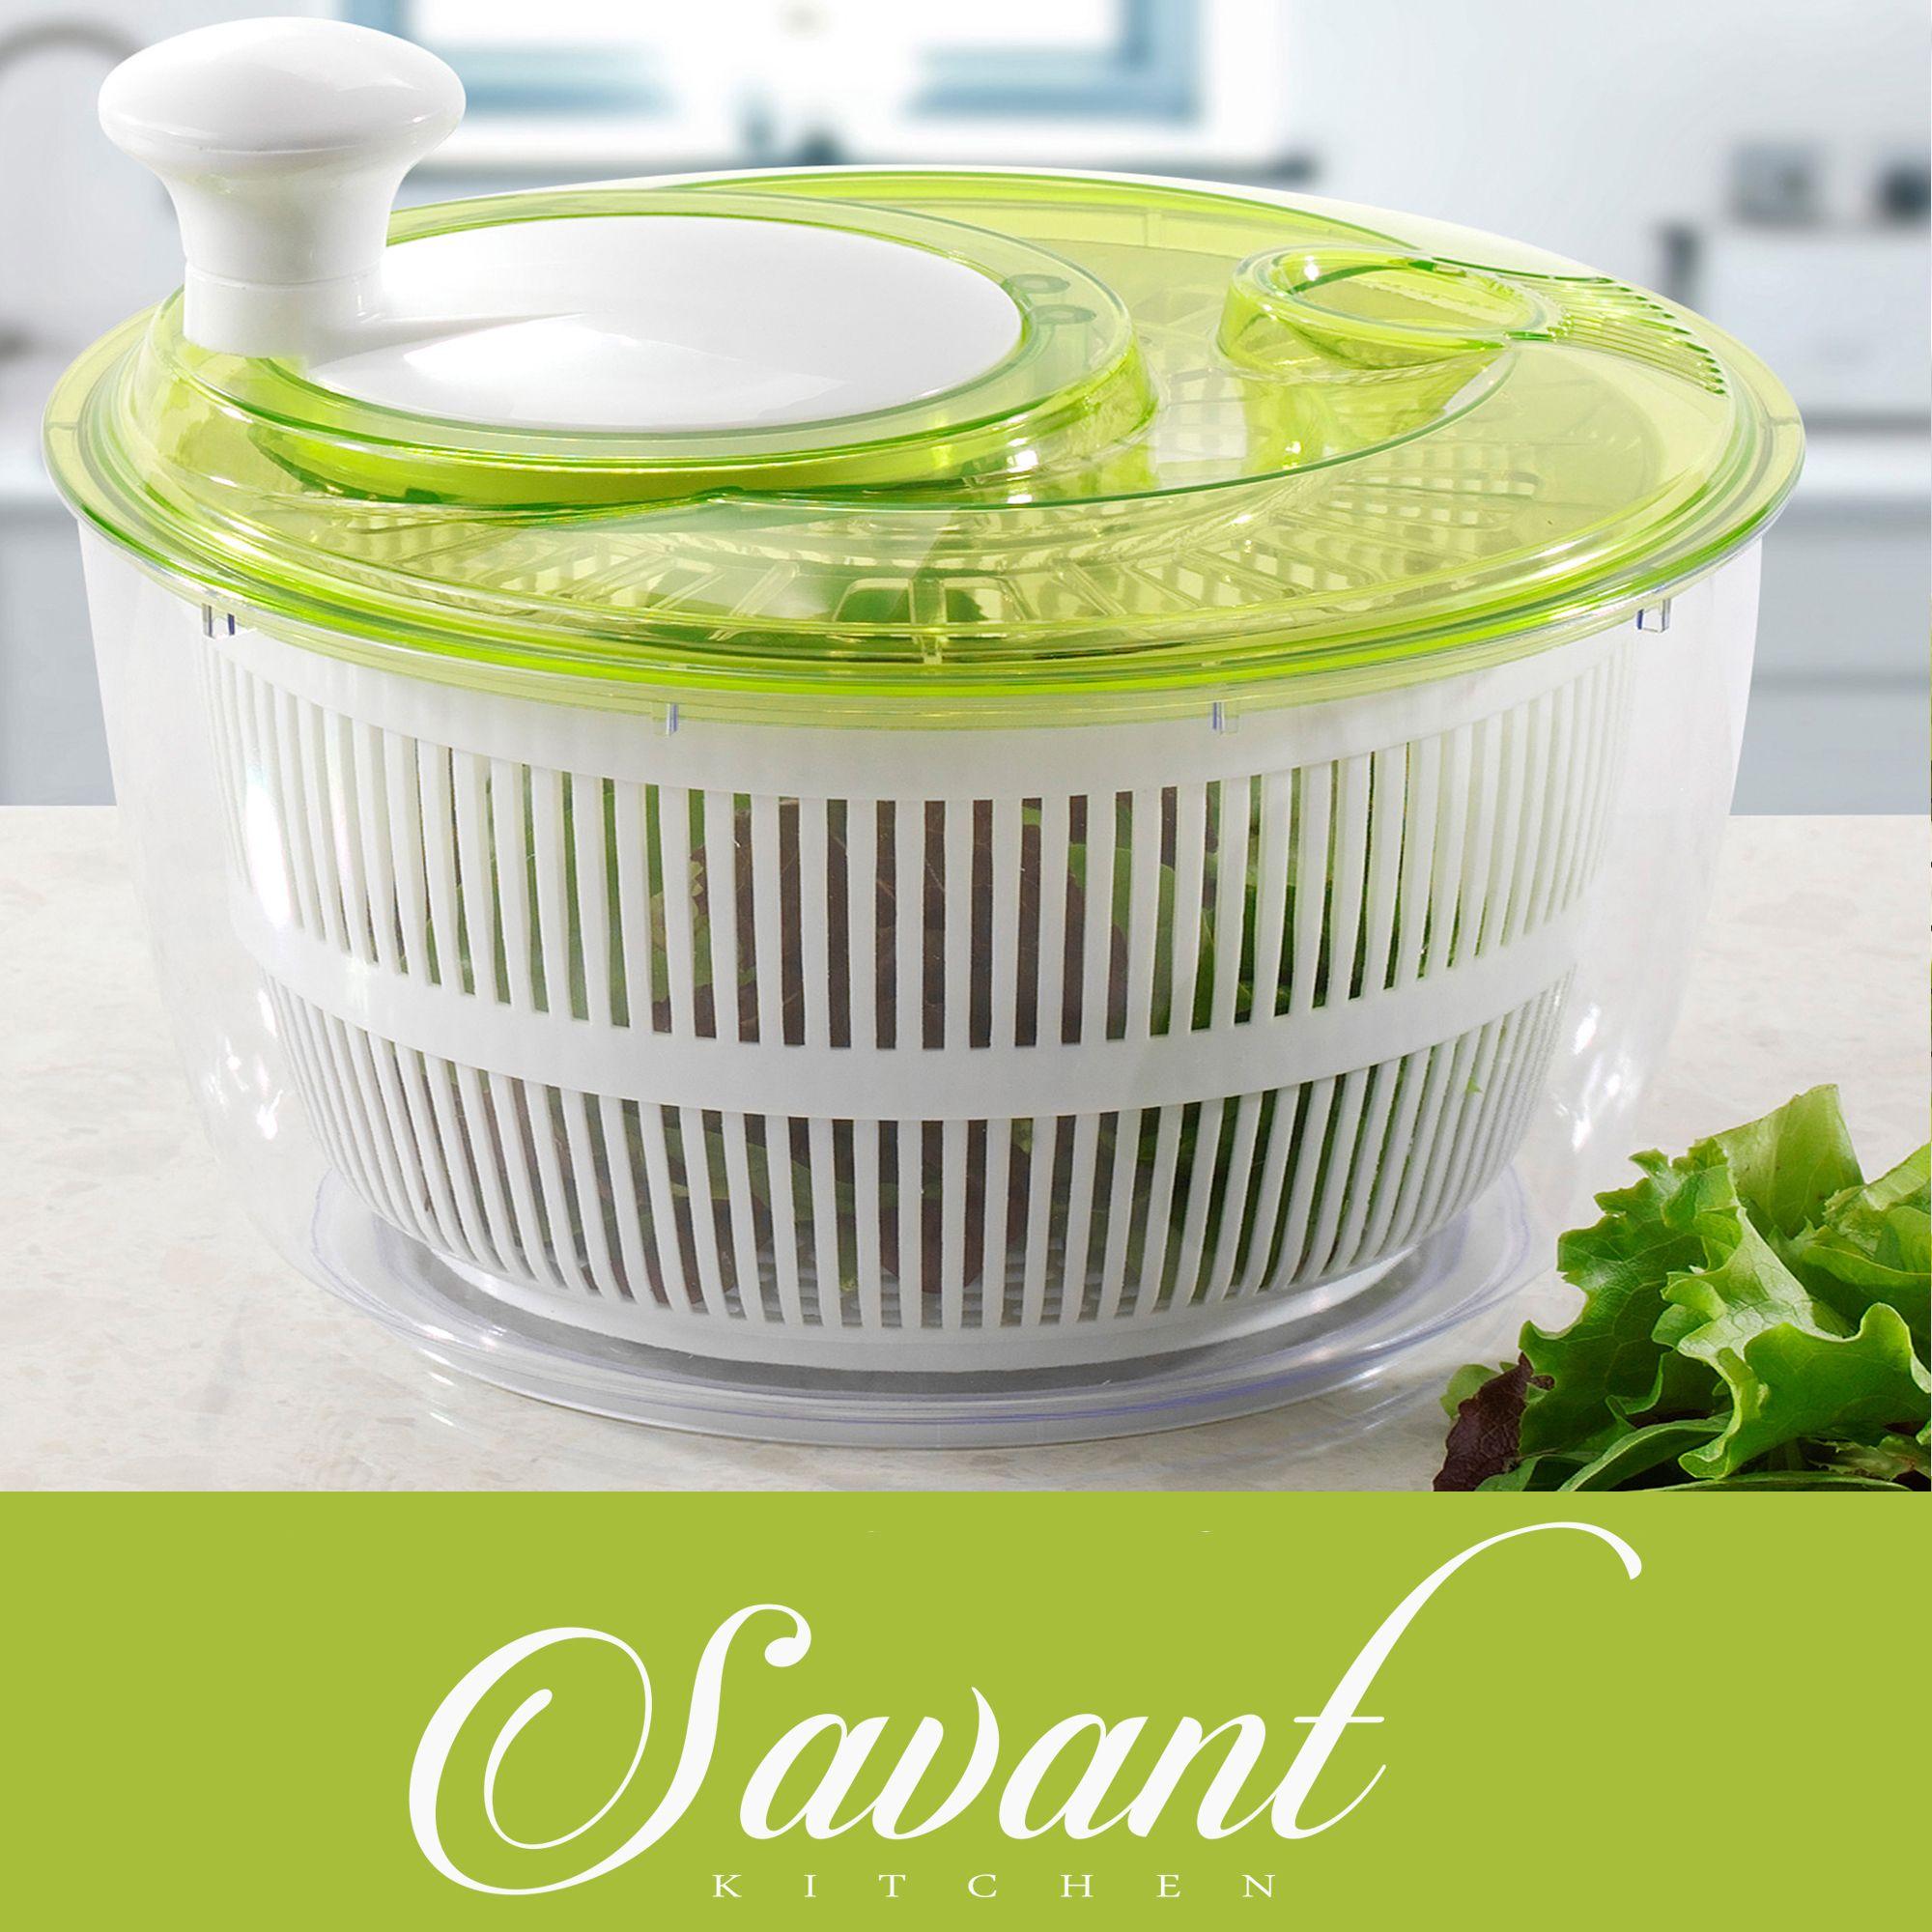 10 Alternative Uses For Your Salad Spinner Salad Spinner Vegetable Salad Kitchen Must Haves